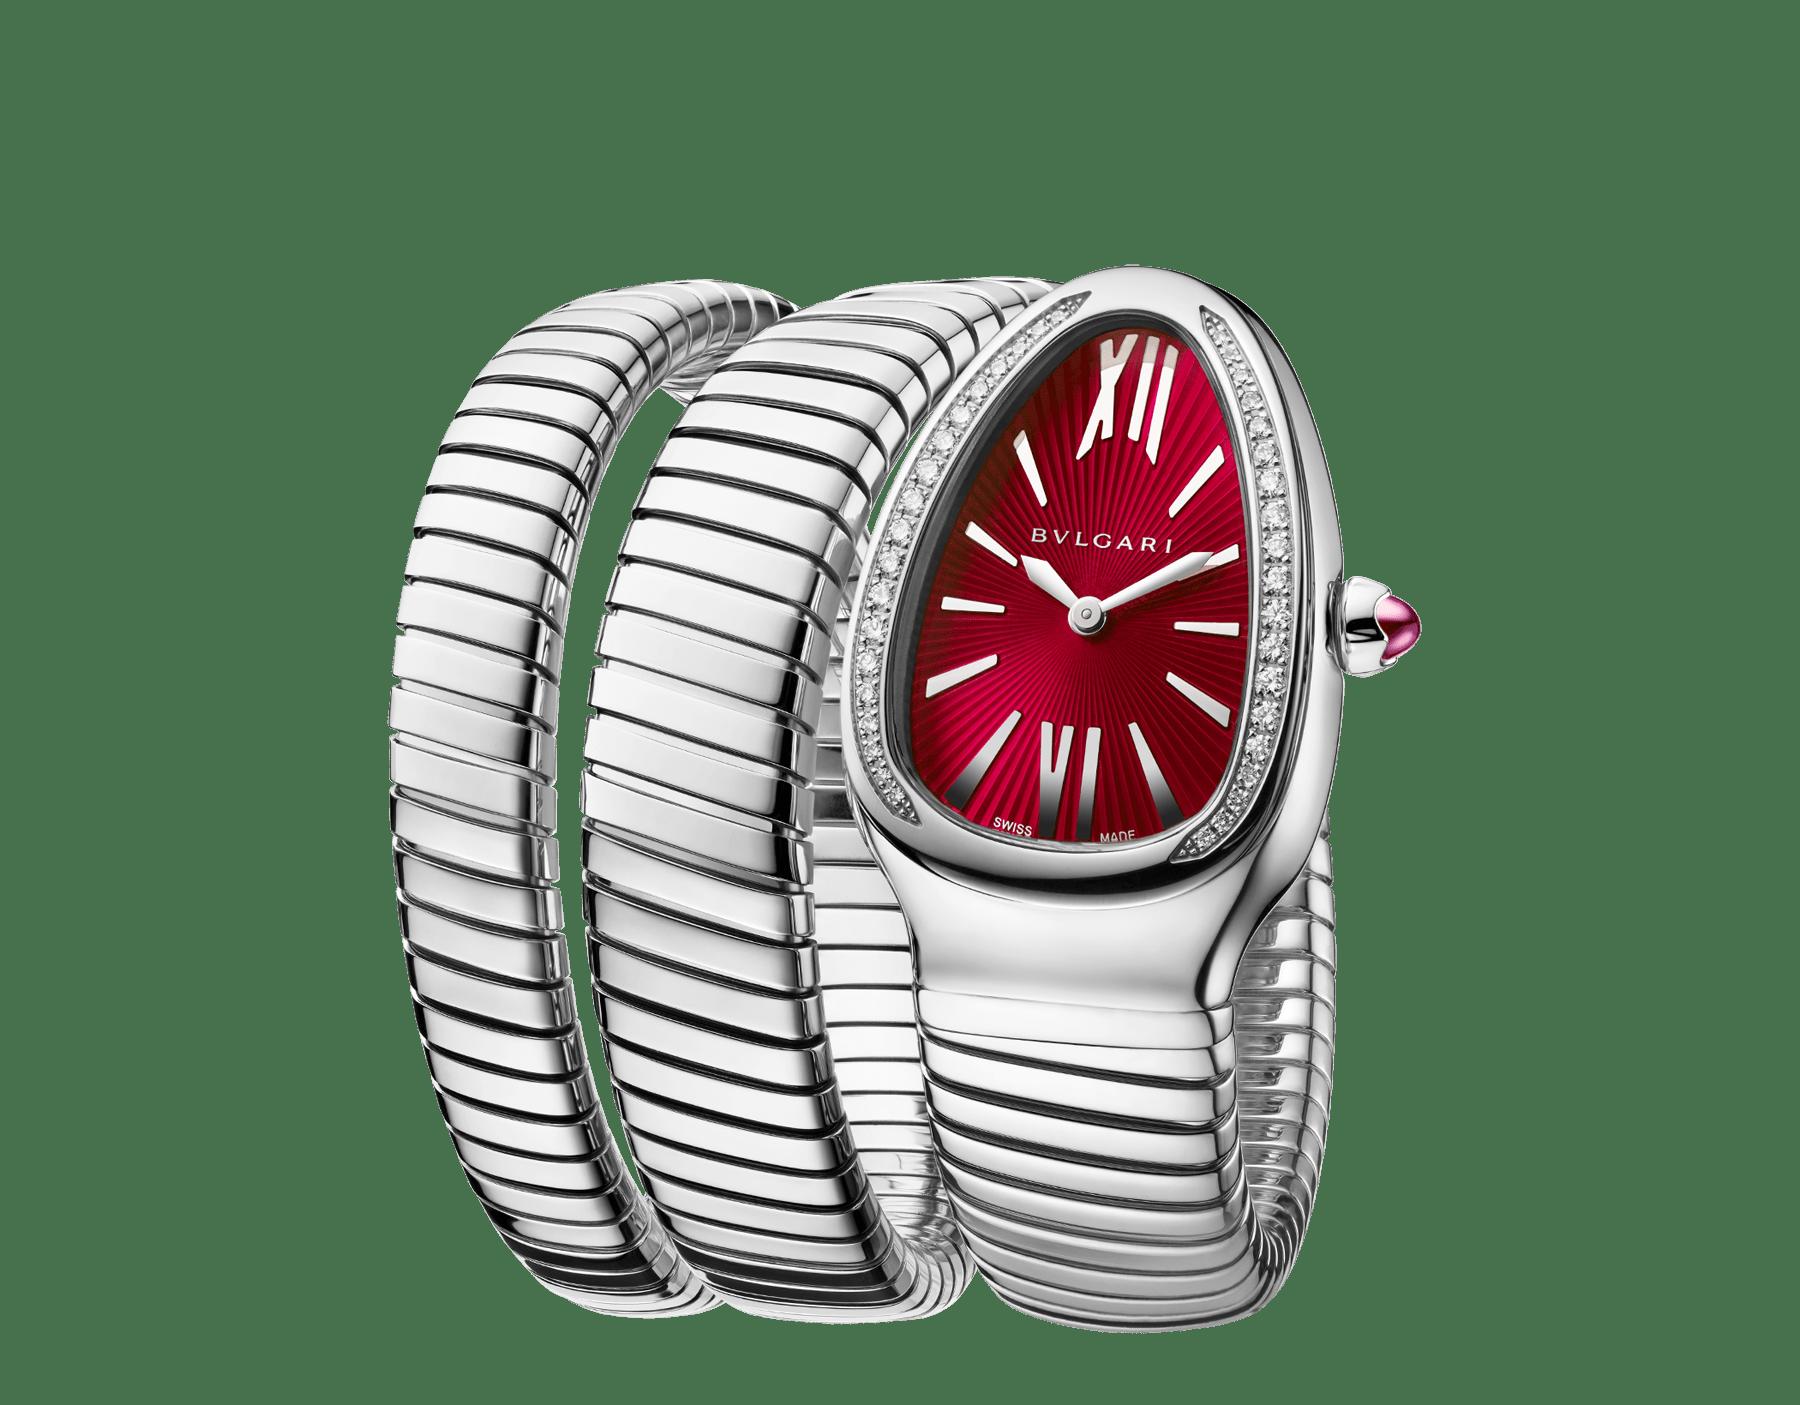 Montre Serpenti Tubogas avec boîtier en acier inoxydable serti de diamants taille brillant, cadran laqué rouge et bracelet double spirale en acier inoxydable. 102682 image 2